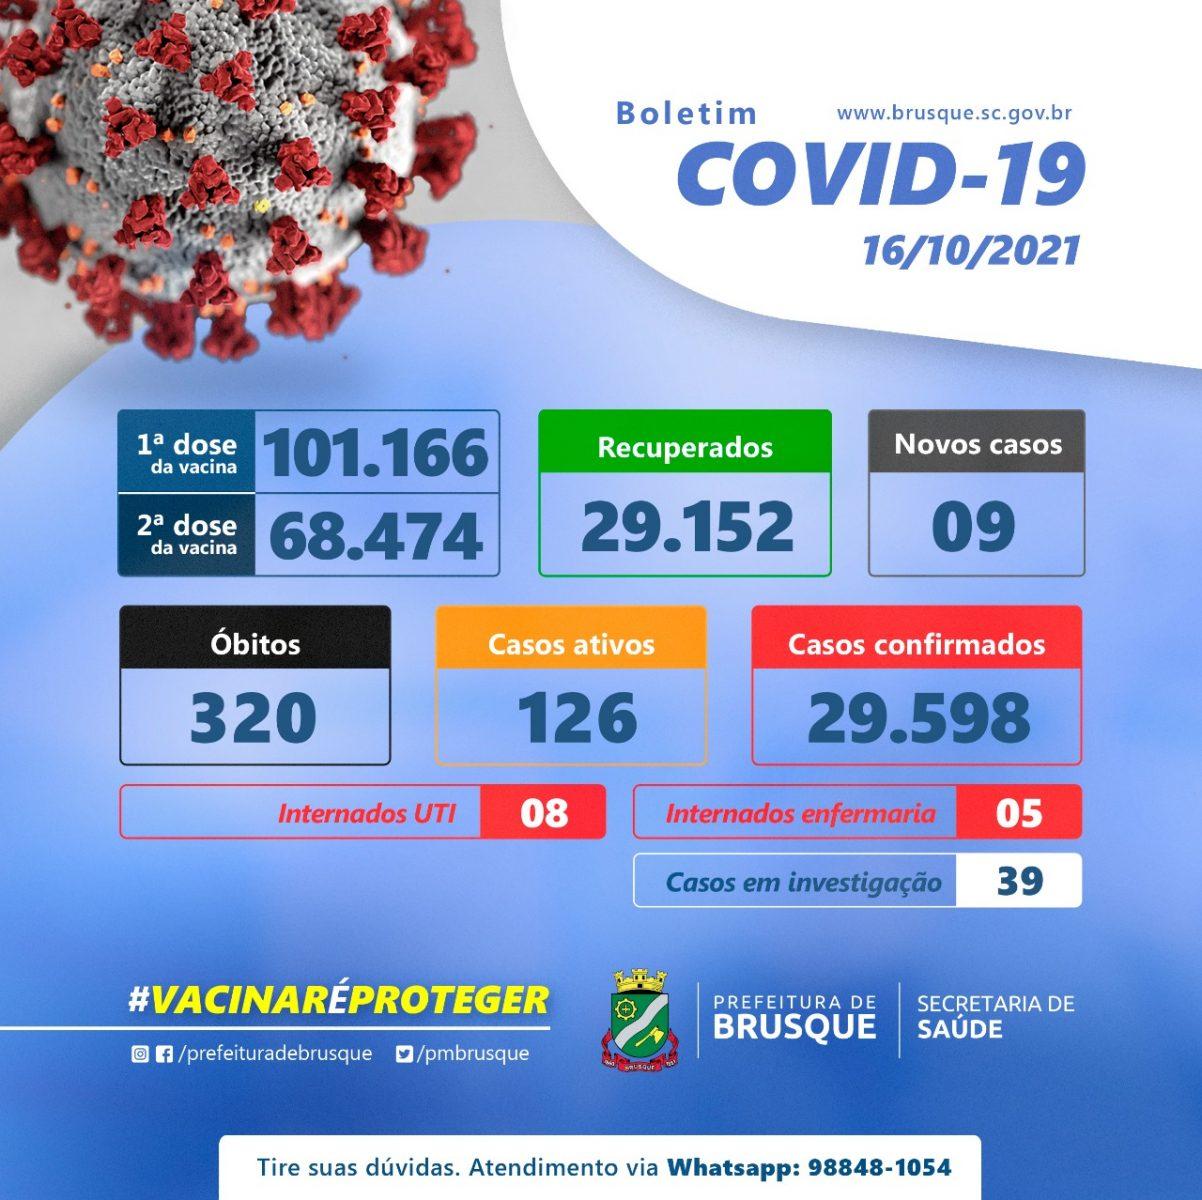 Covid-19: Confira o boletim epidemiológico deste sábado (16)